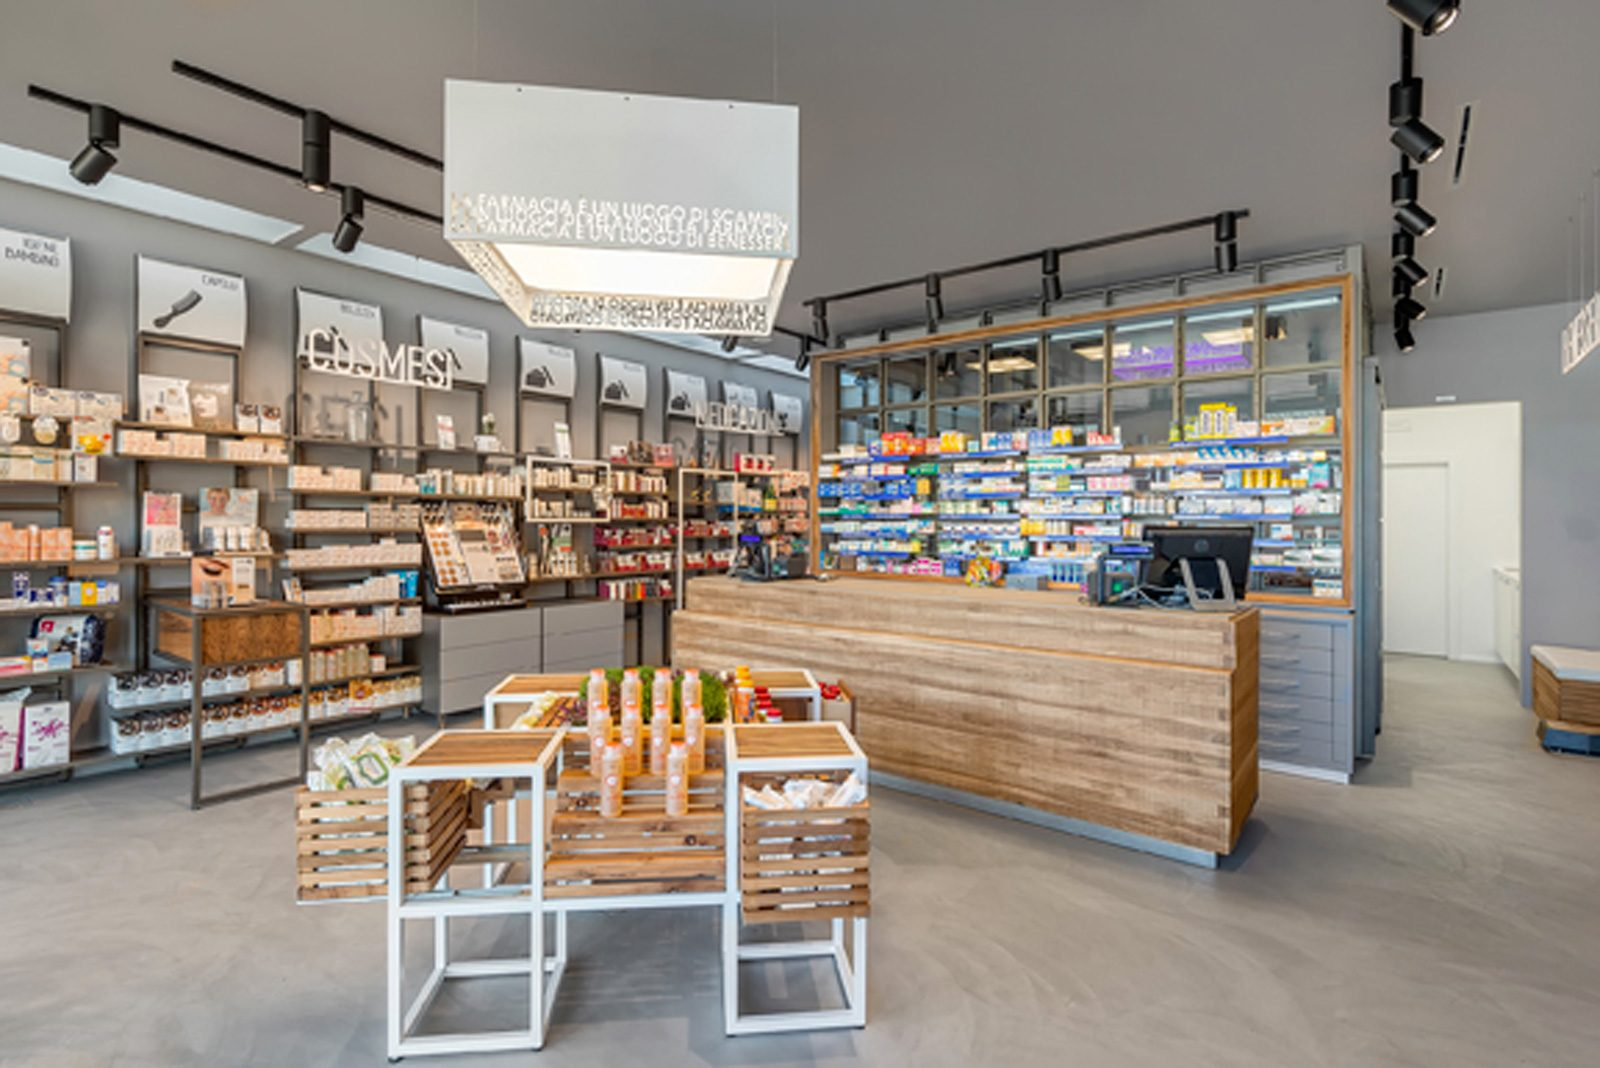 Apre la nuova Farmacia Saleri con il concept FARMACIA 3.0